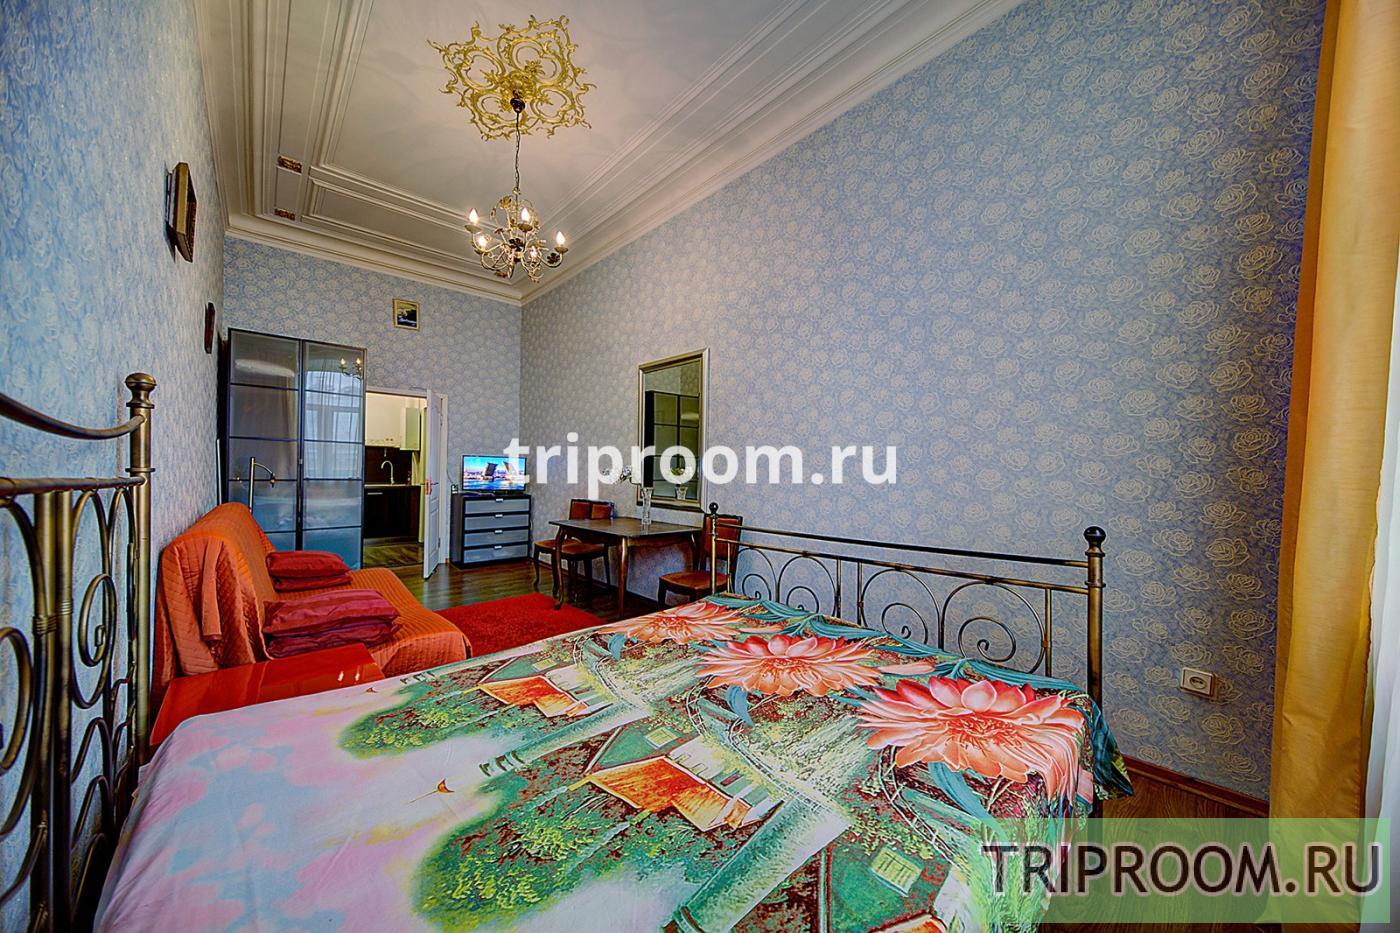 1-комнатная квартира посуточно (вариант № 15424), ул. Итальянская улица, фото № 2